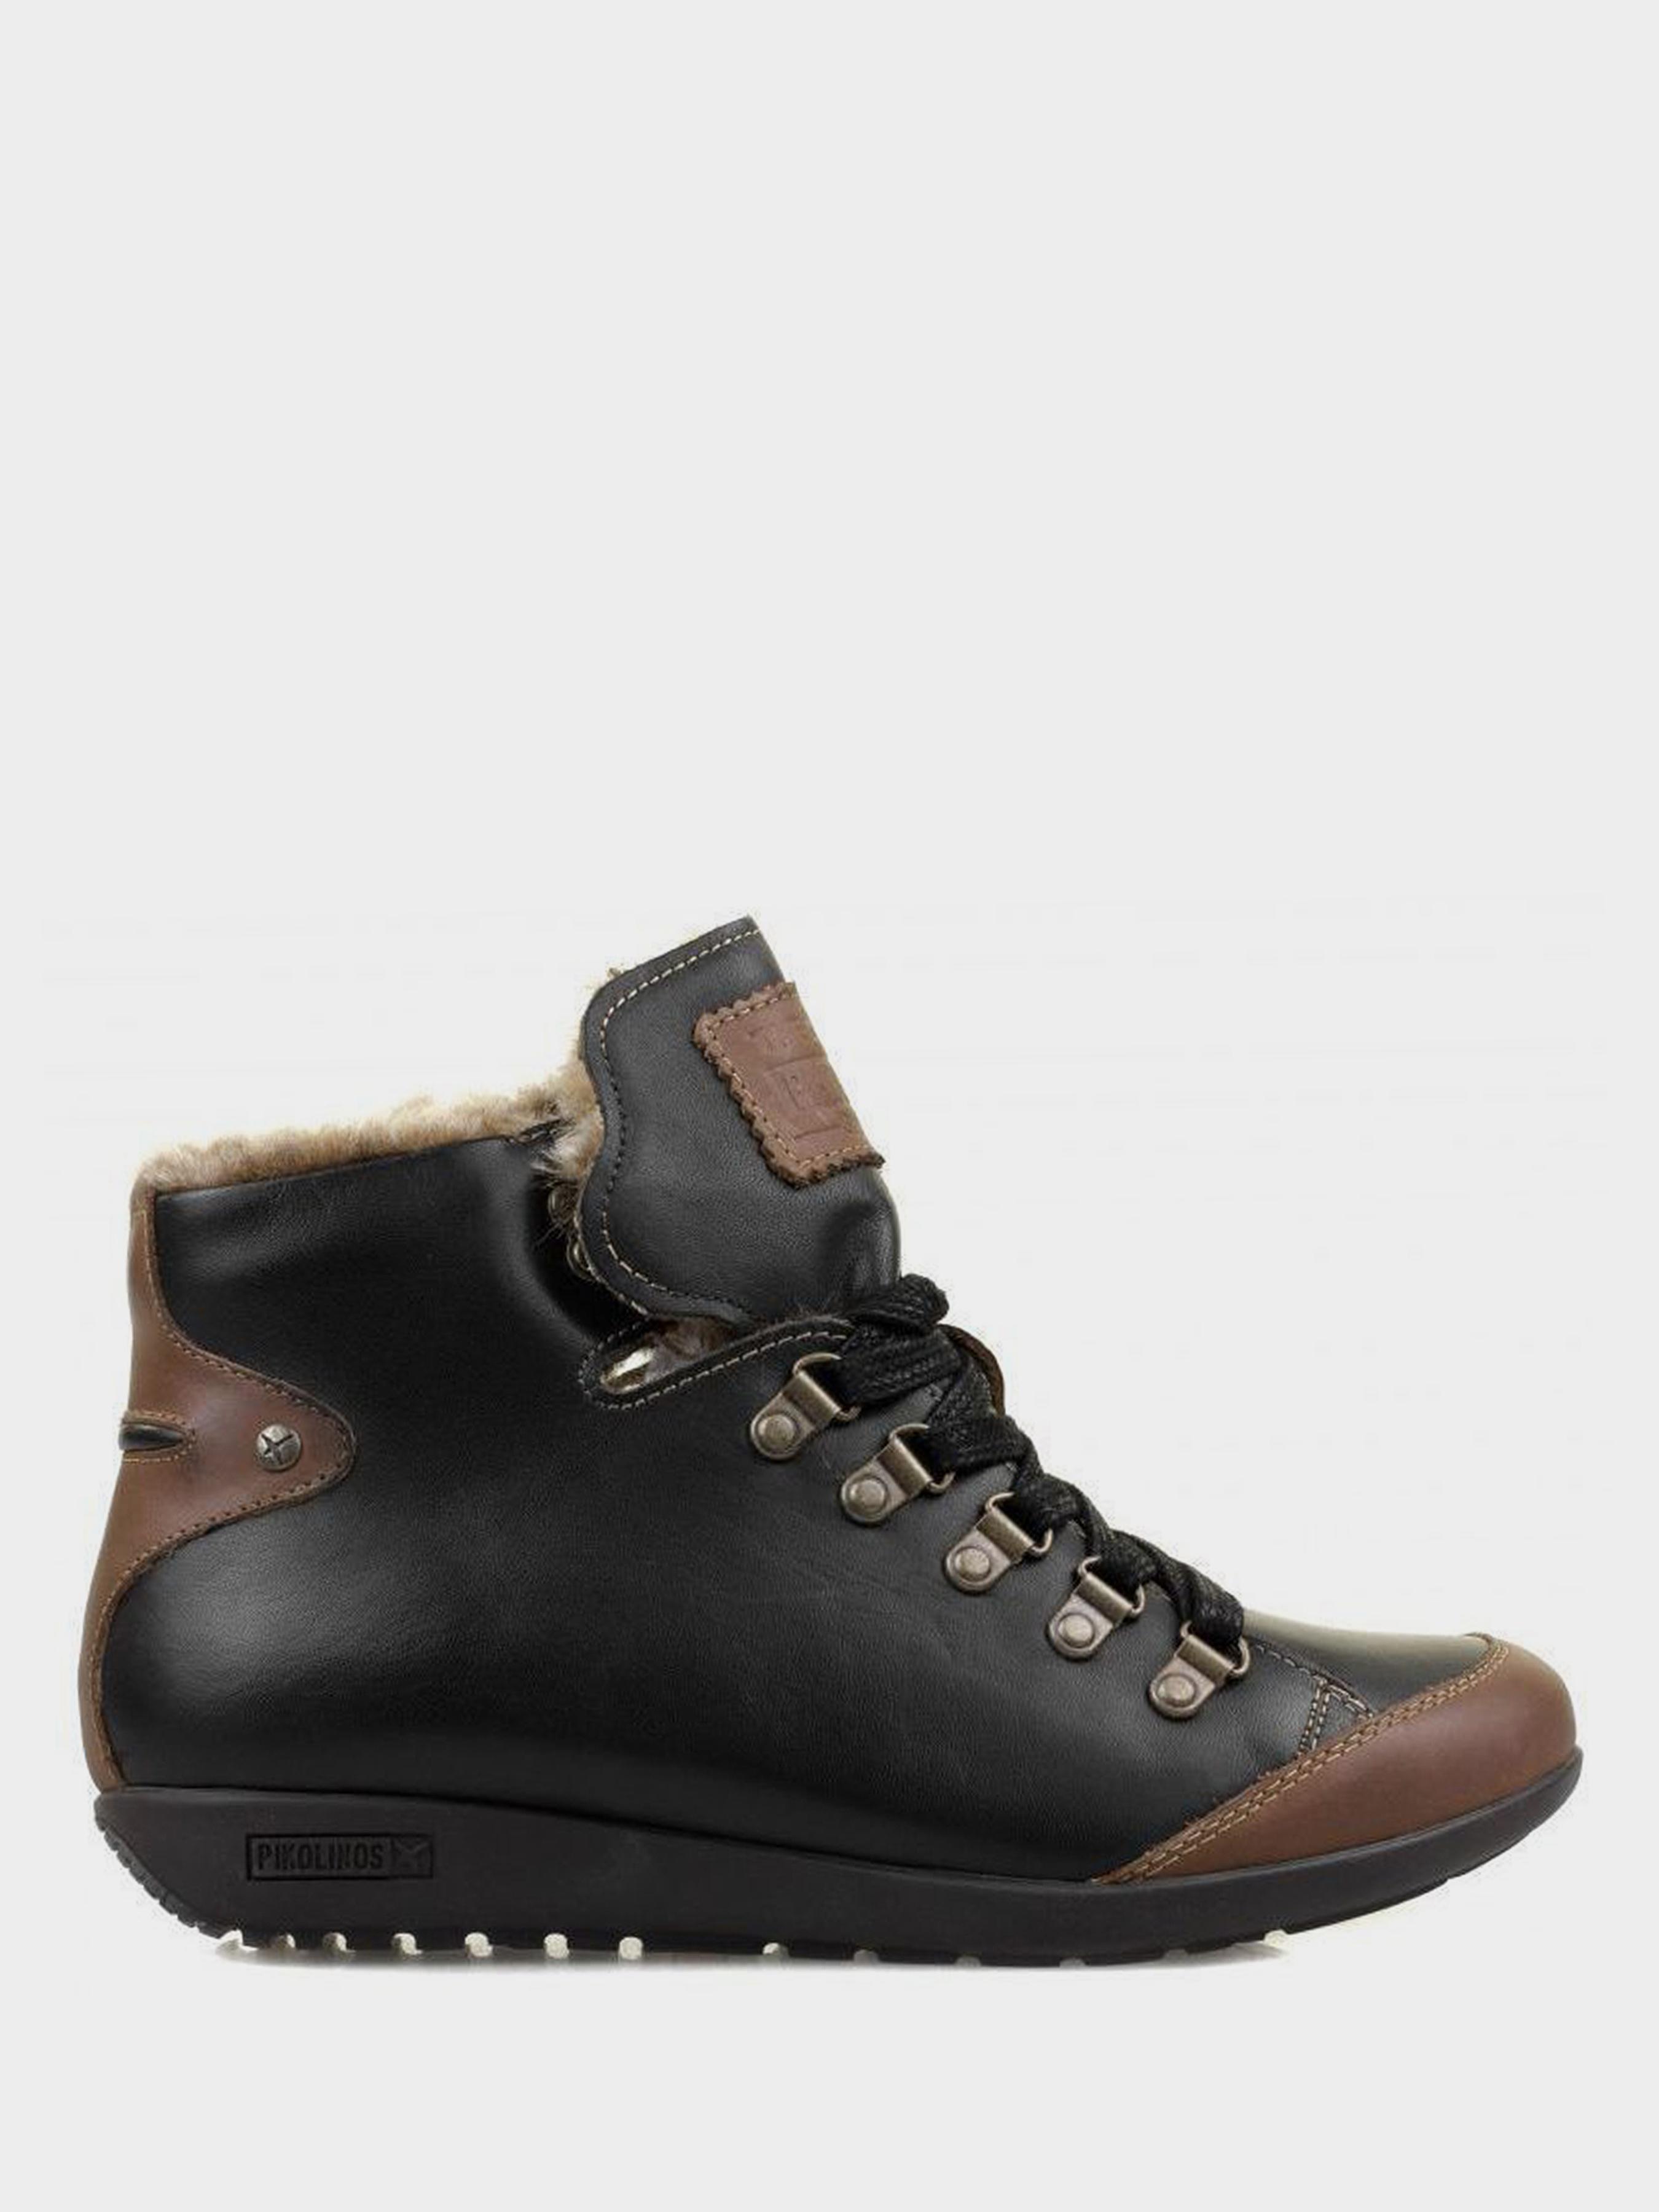 d6a15006d Каталог бренда PIKOLINOS: купить обувь в Киеве, Украине   интернет ...